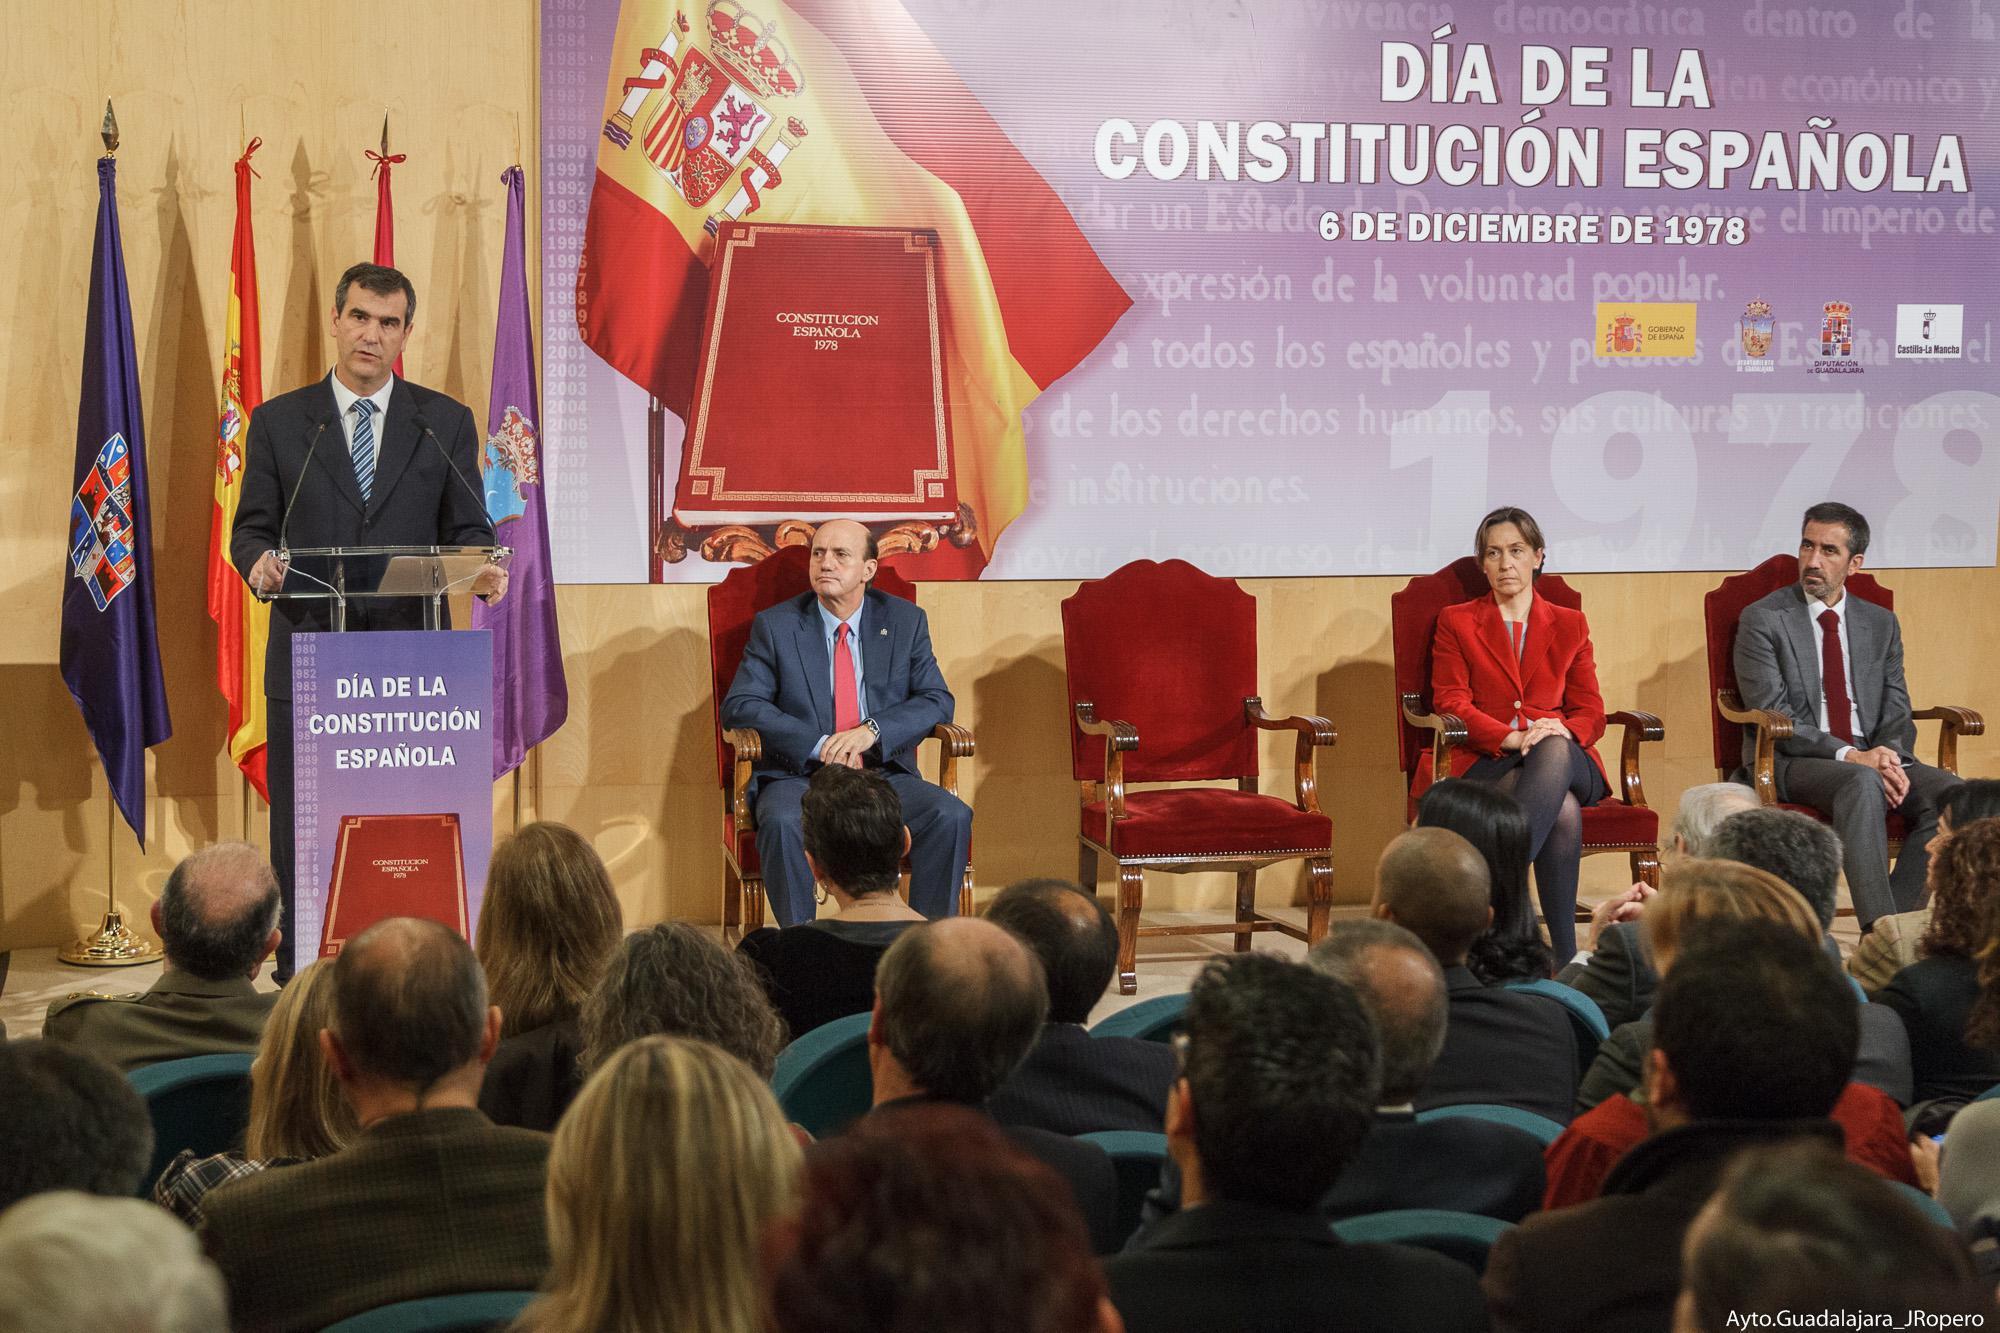 """Román: """"36 años después, depende de los españoles el seguir trabajando por un futuro empapado de la concordia, respeto y sensatez que presidieron ese día"""""""